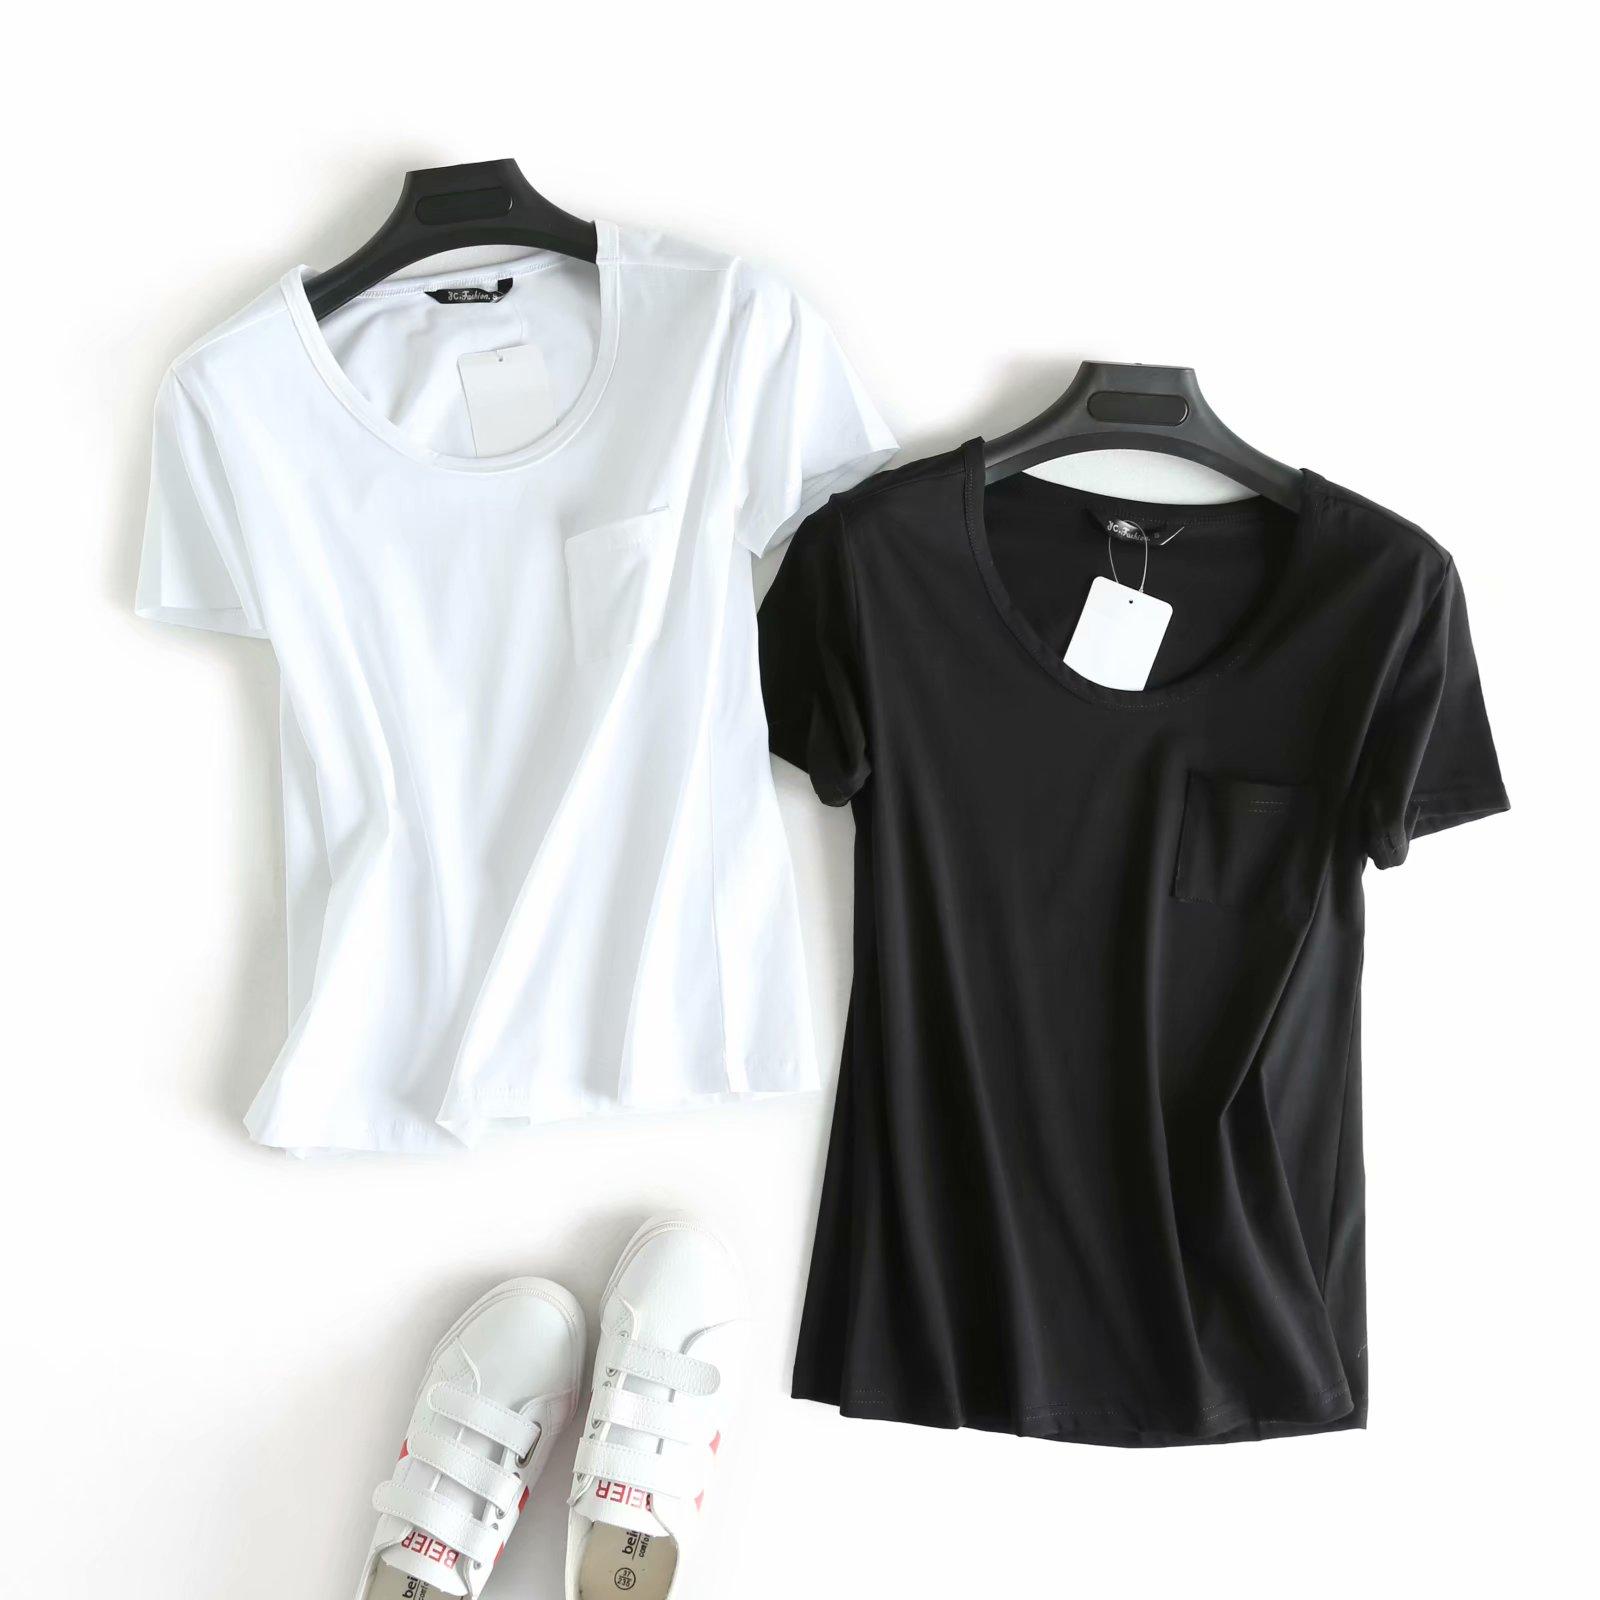 外贸原单大牌出口欧美风剪标真品尾单 新款圆领单口袋短袖纯色T恤